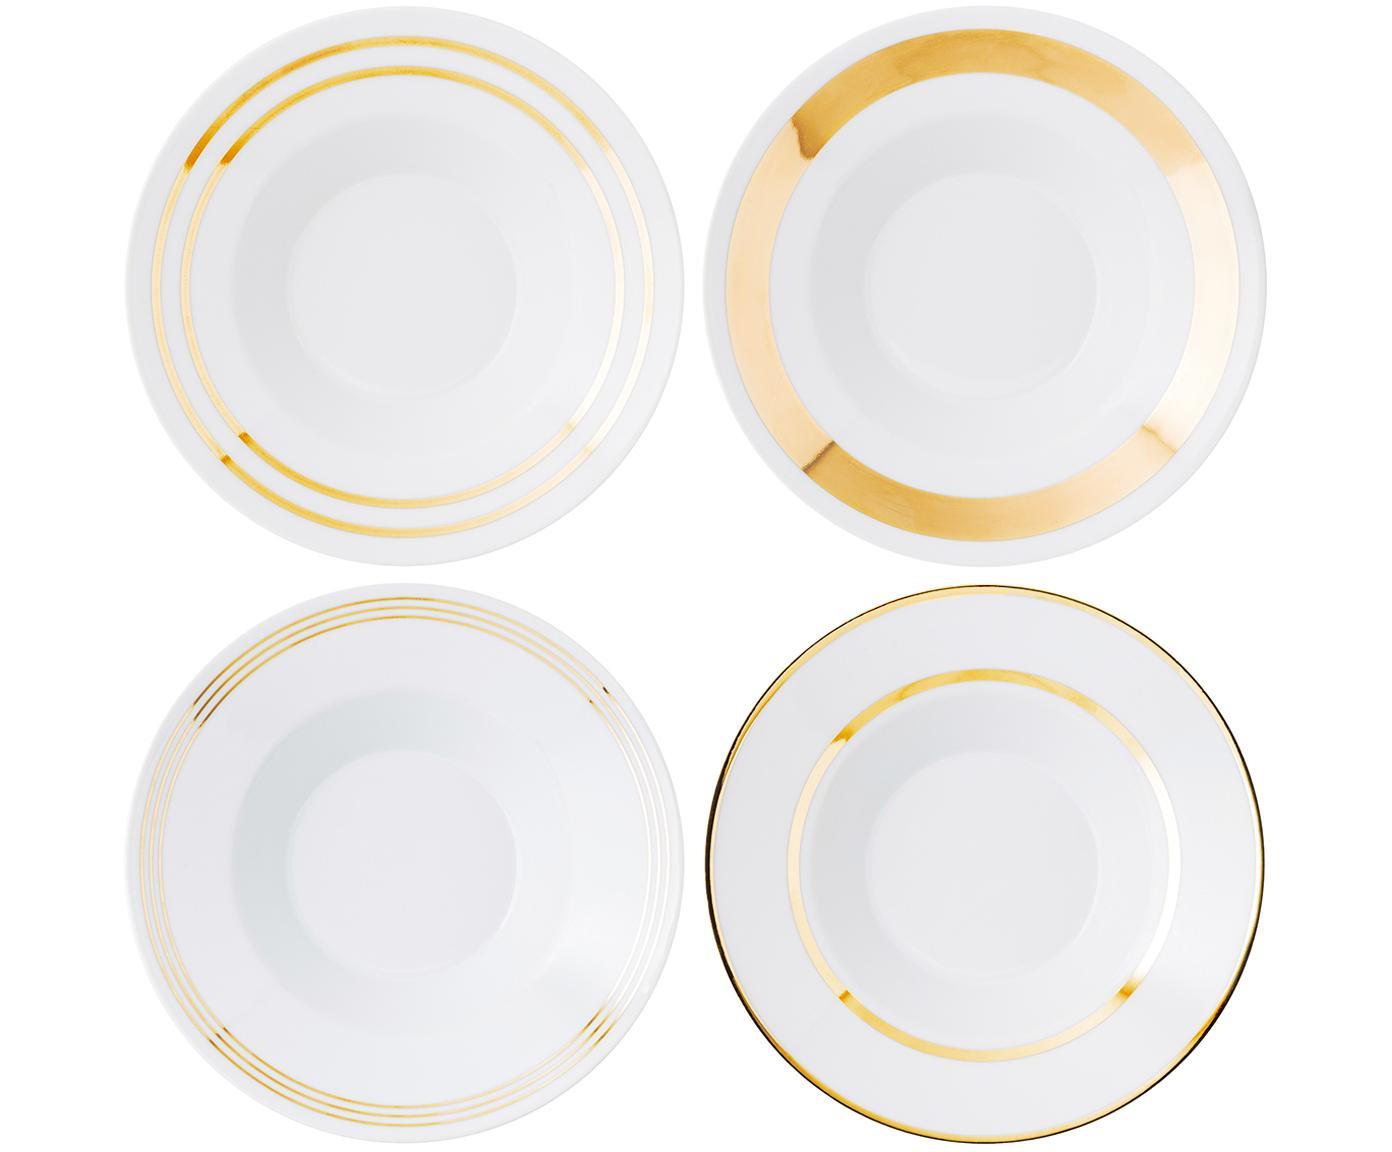 Suppenteller Deco mit goldenem Dekor, 4er-Set, Porzellan, Weiß, Goldfarben, Ø 24 x H 10 cm